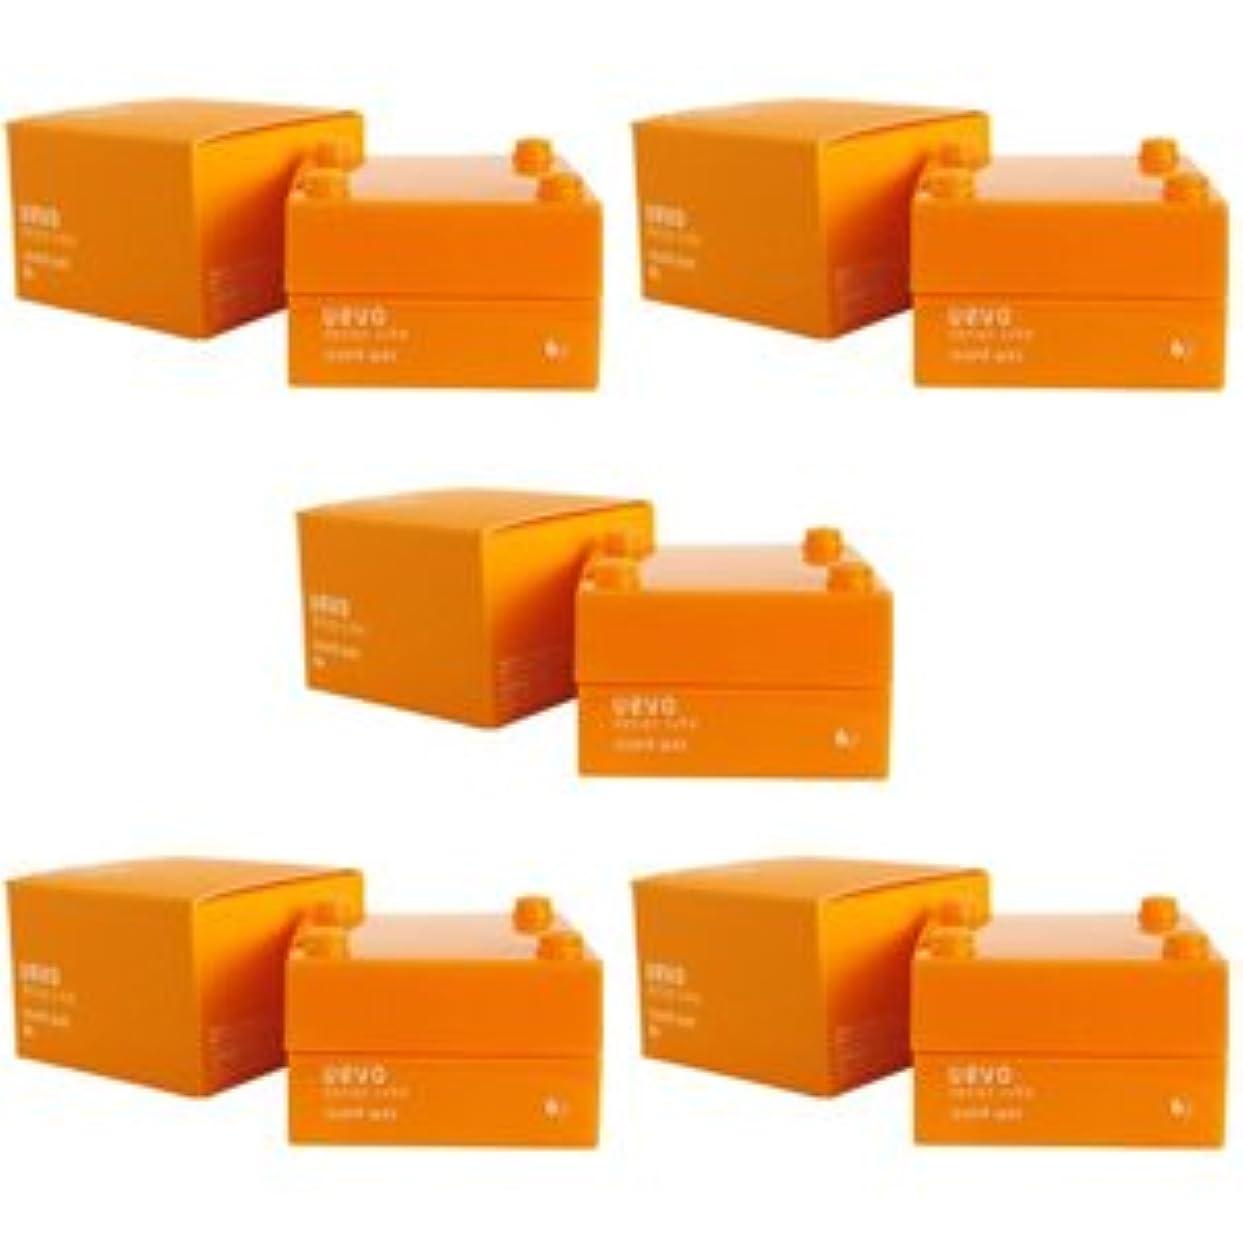 デモンストレーション盲目腰【X5個セット】 デミ ウェーボ デザインキューブ ラウンドワックス 30g round wax DEMI uevo design cube